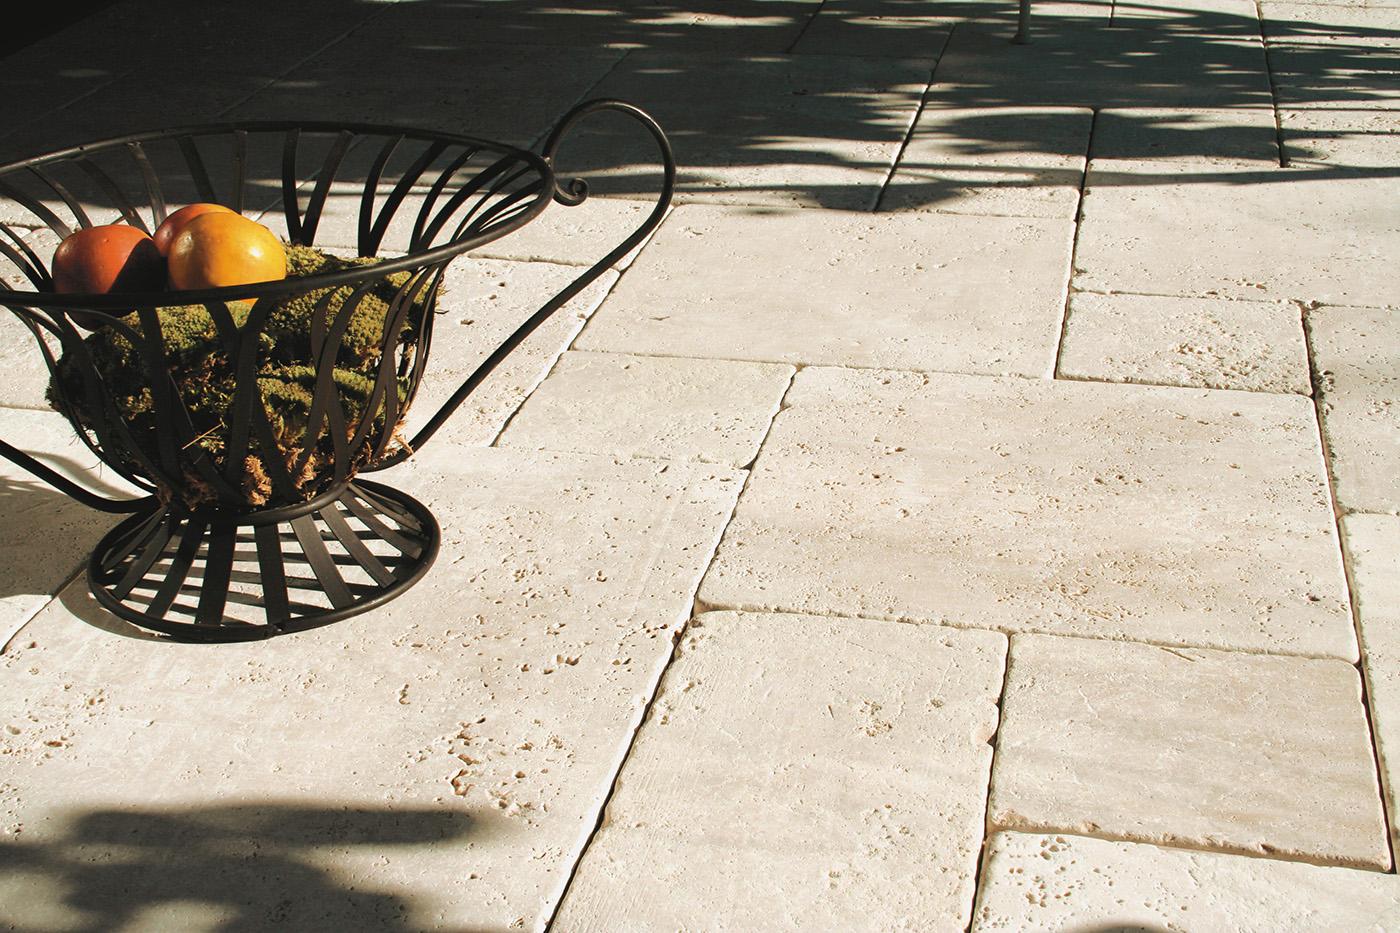 Travertin Terrassenplatten terrassenplatten travertin tuscany beige br getrommelt naturstein